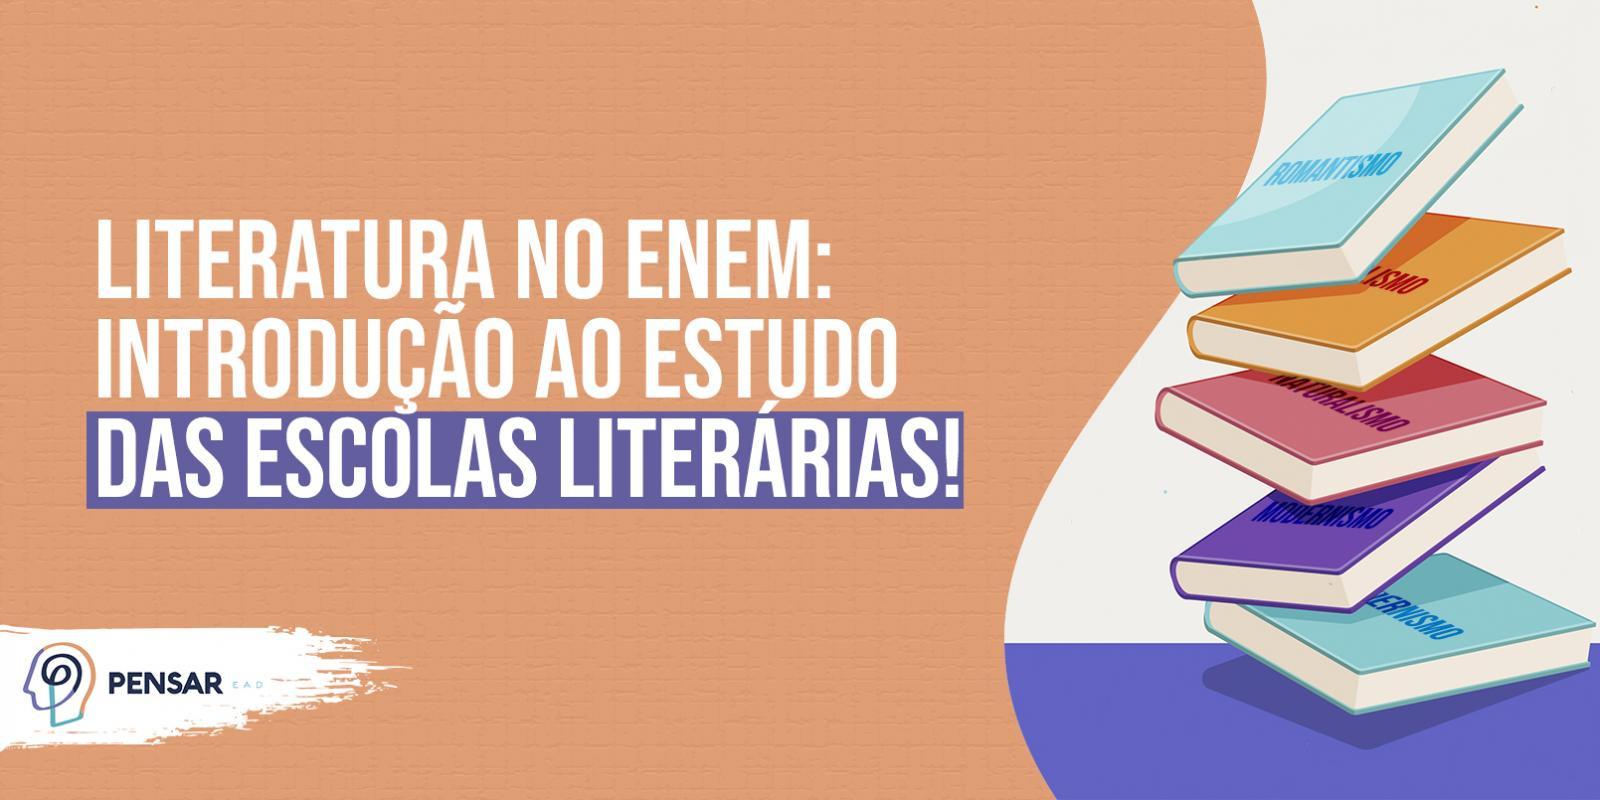 Literatura no ENEM: introdução ao estudo das escolas literárias!